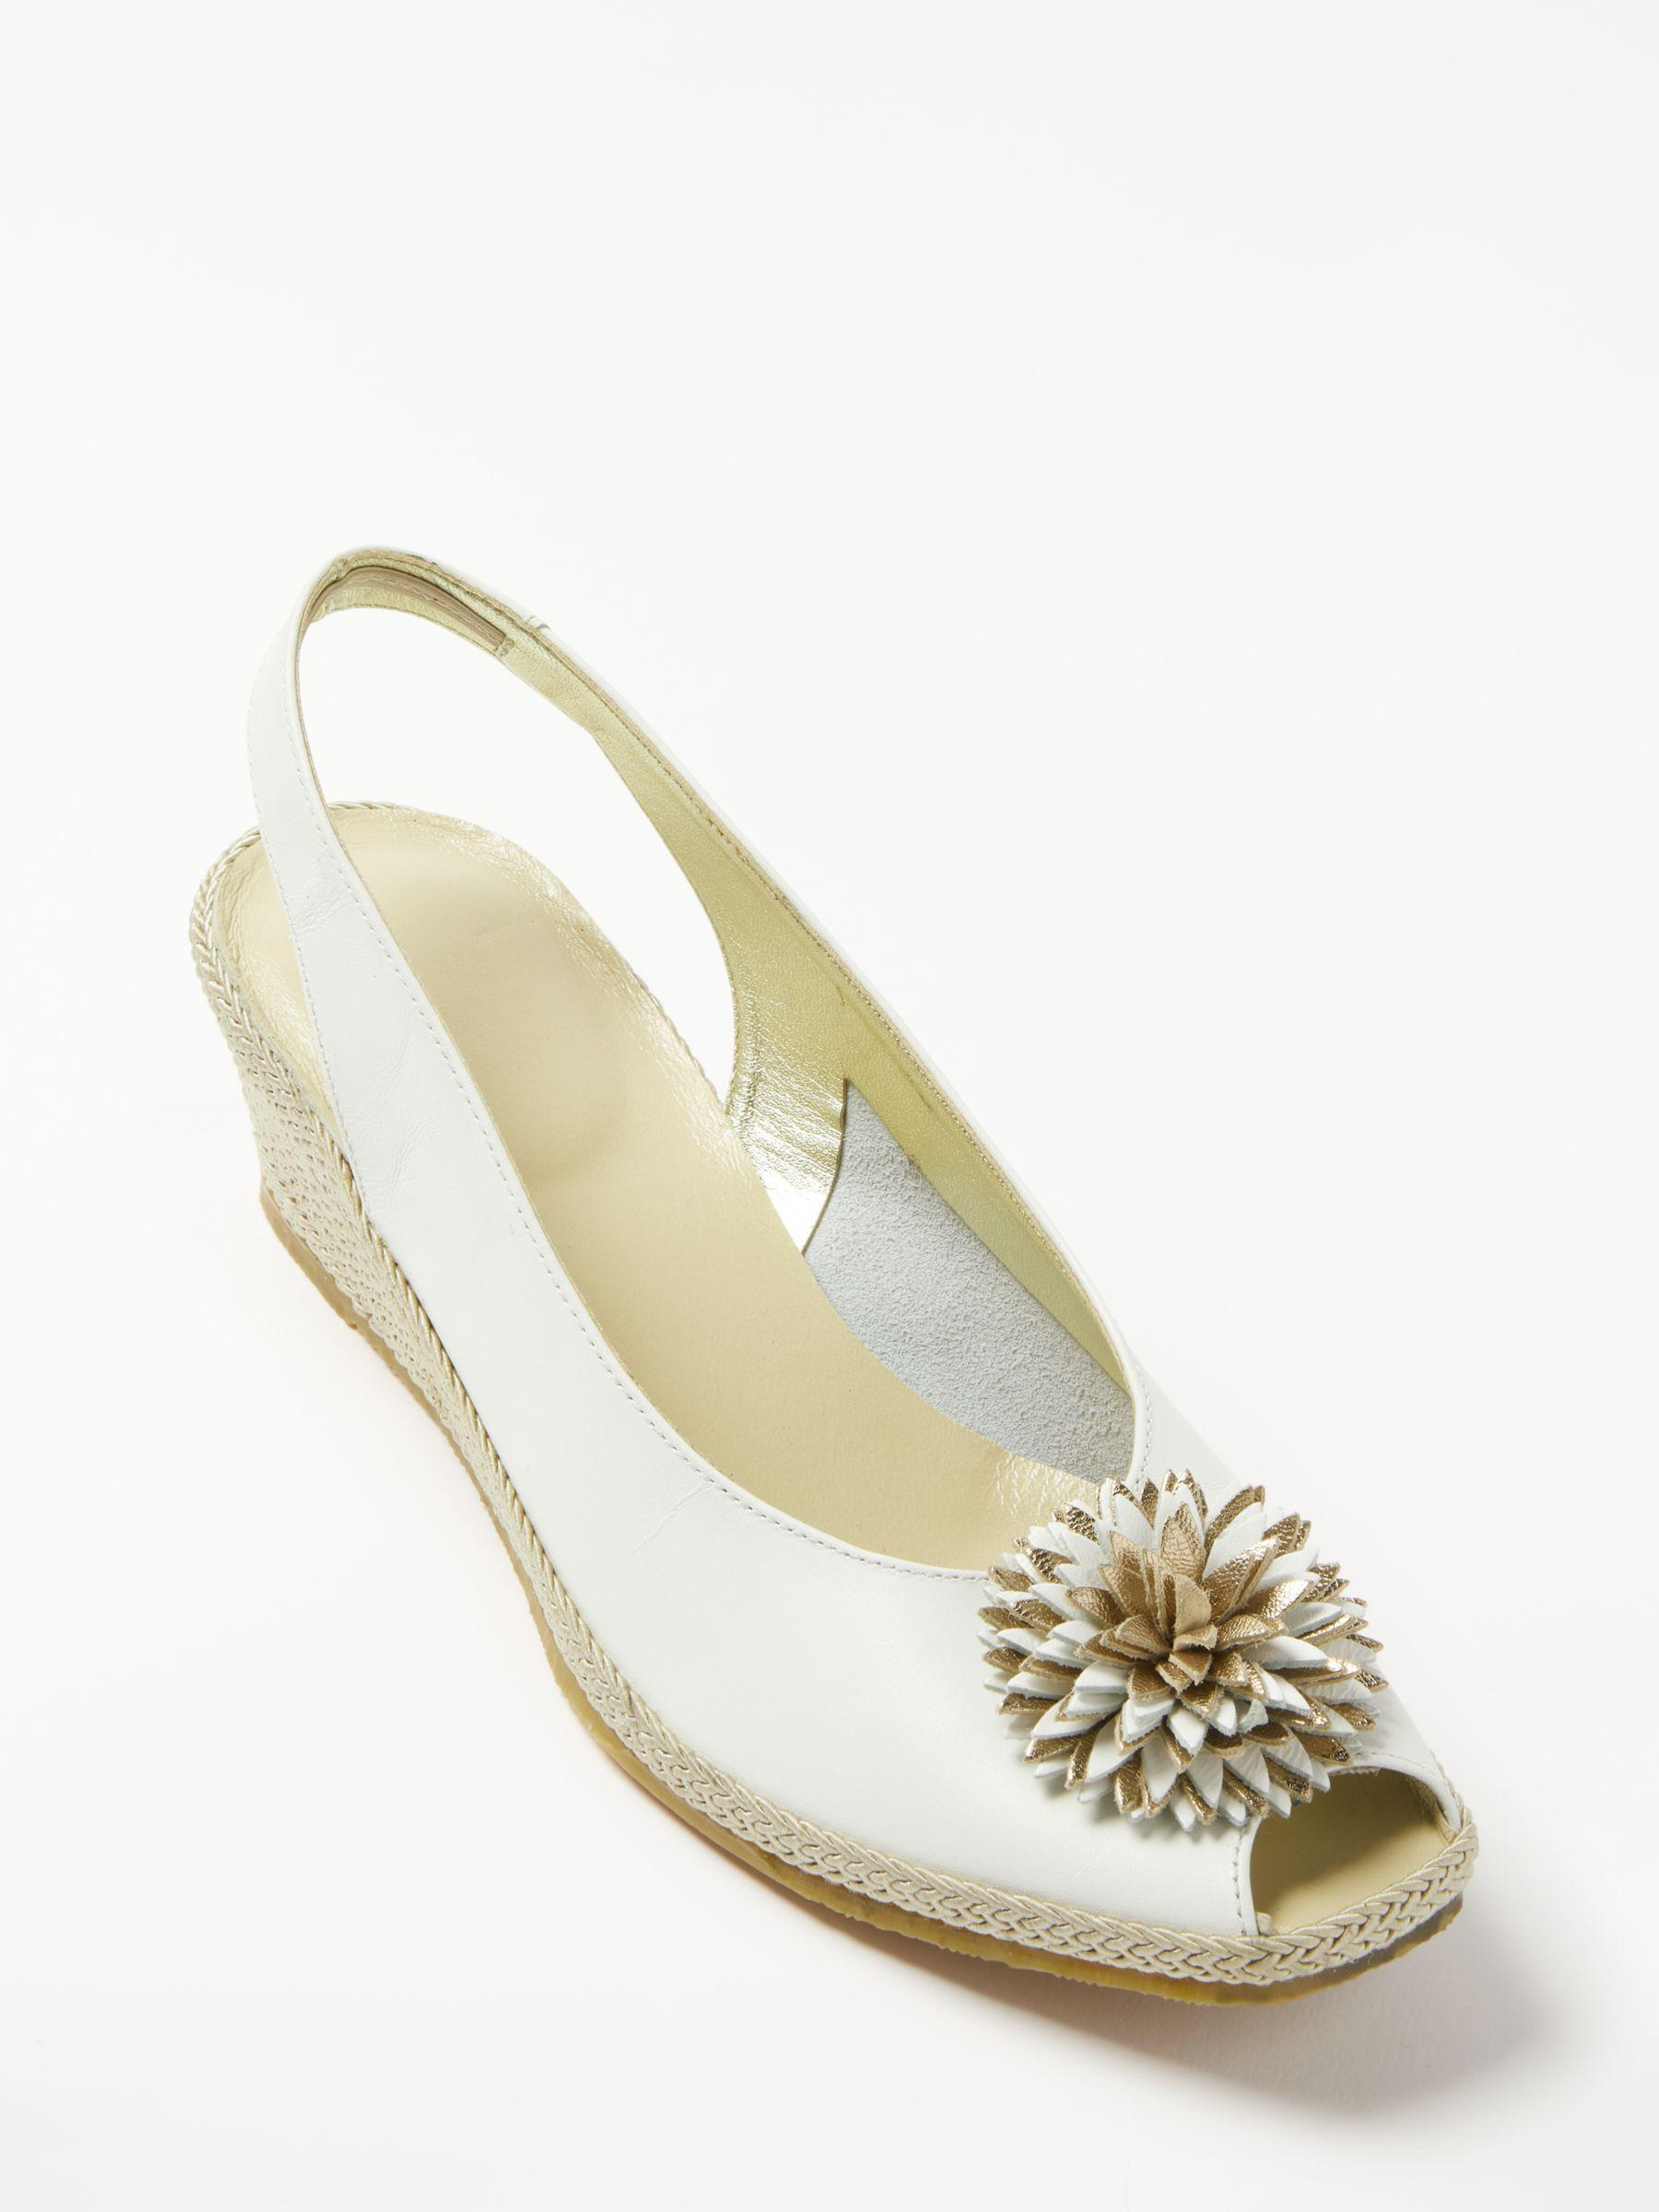 John Lewis Rose Flower In 2 Sandals White Lyst Wedge Heel fgb76y